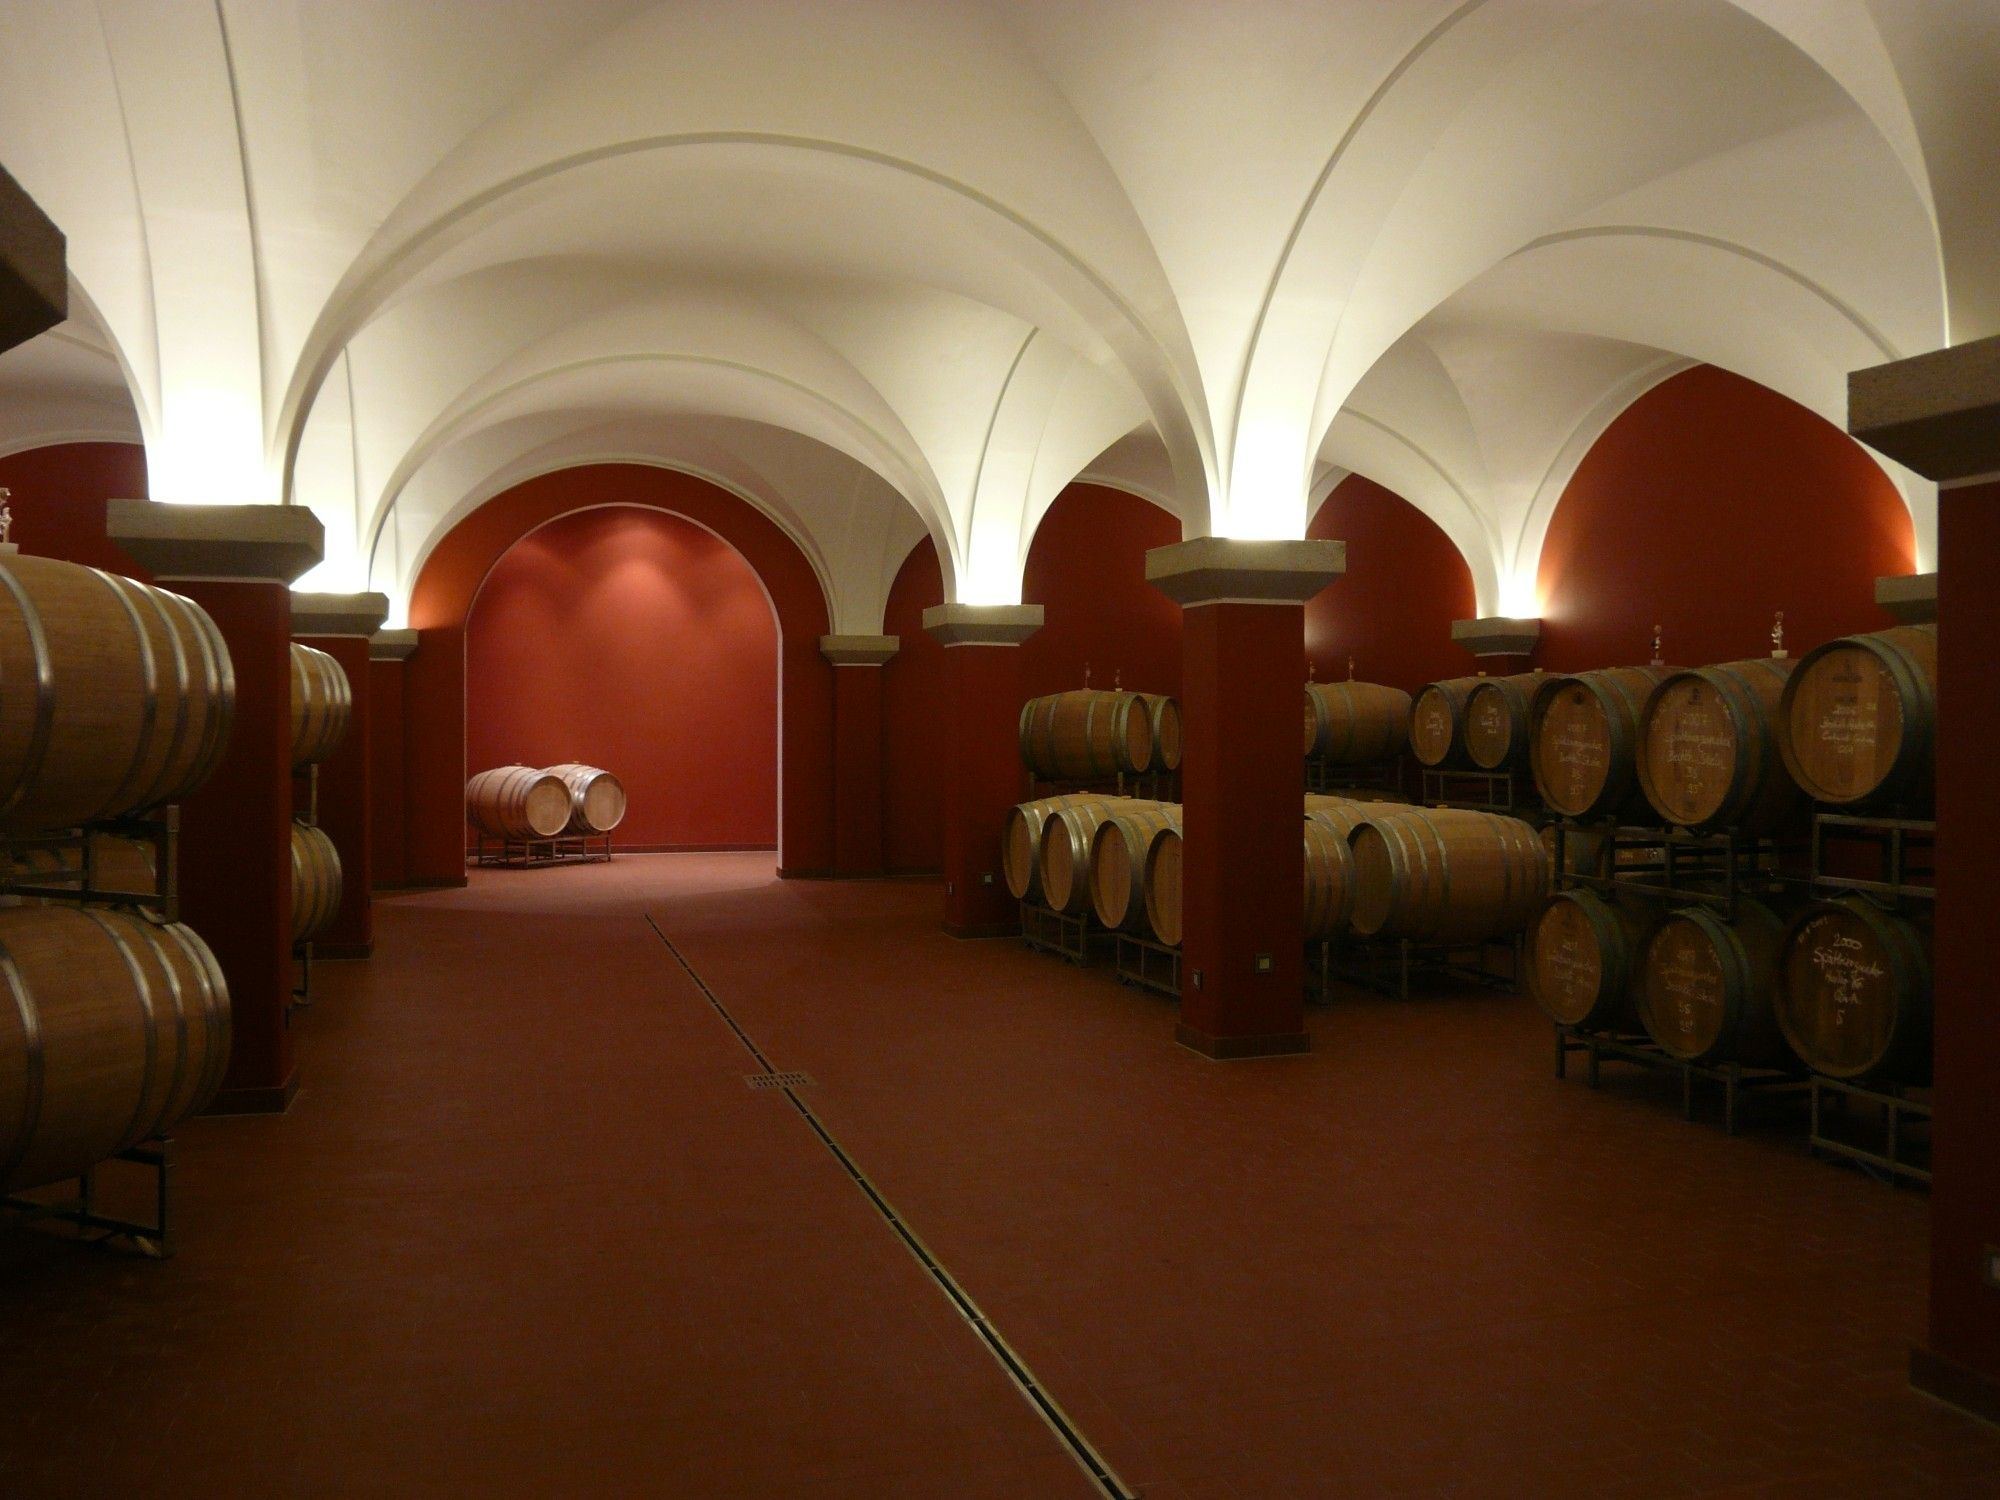 Weinkeller gewölbe bauen  Weinkeller groß oder klein: Weingut Spiess, Bechtheim | Gewölbe ...